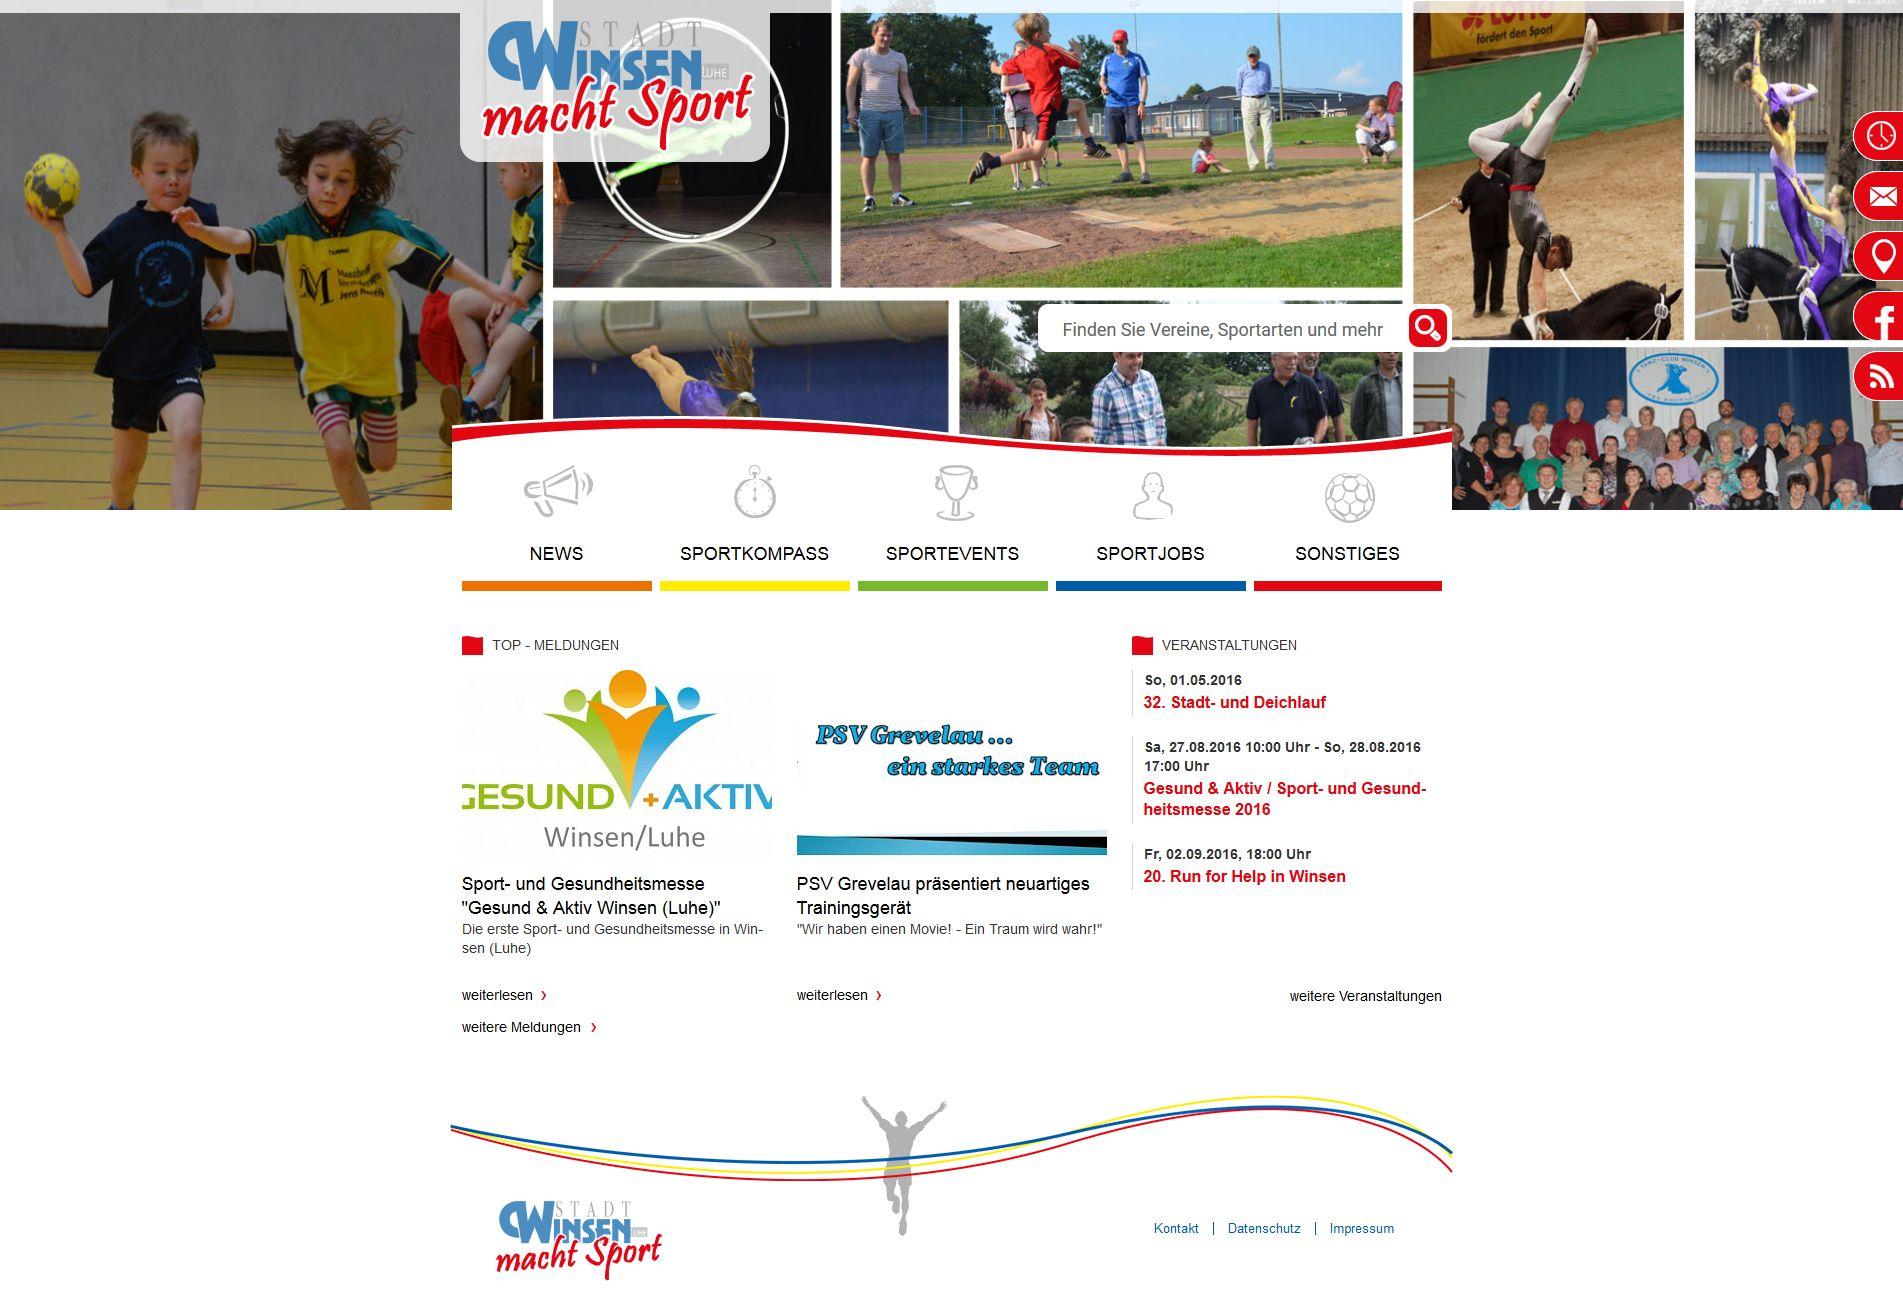 Sportportal.Tv